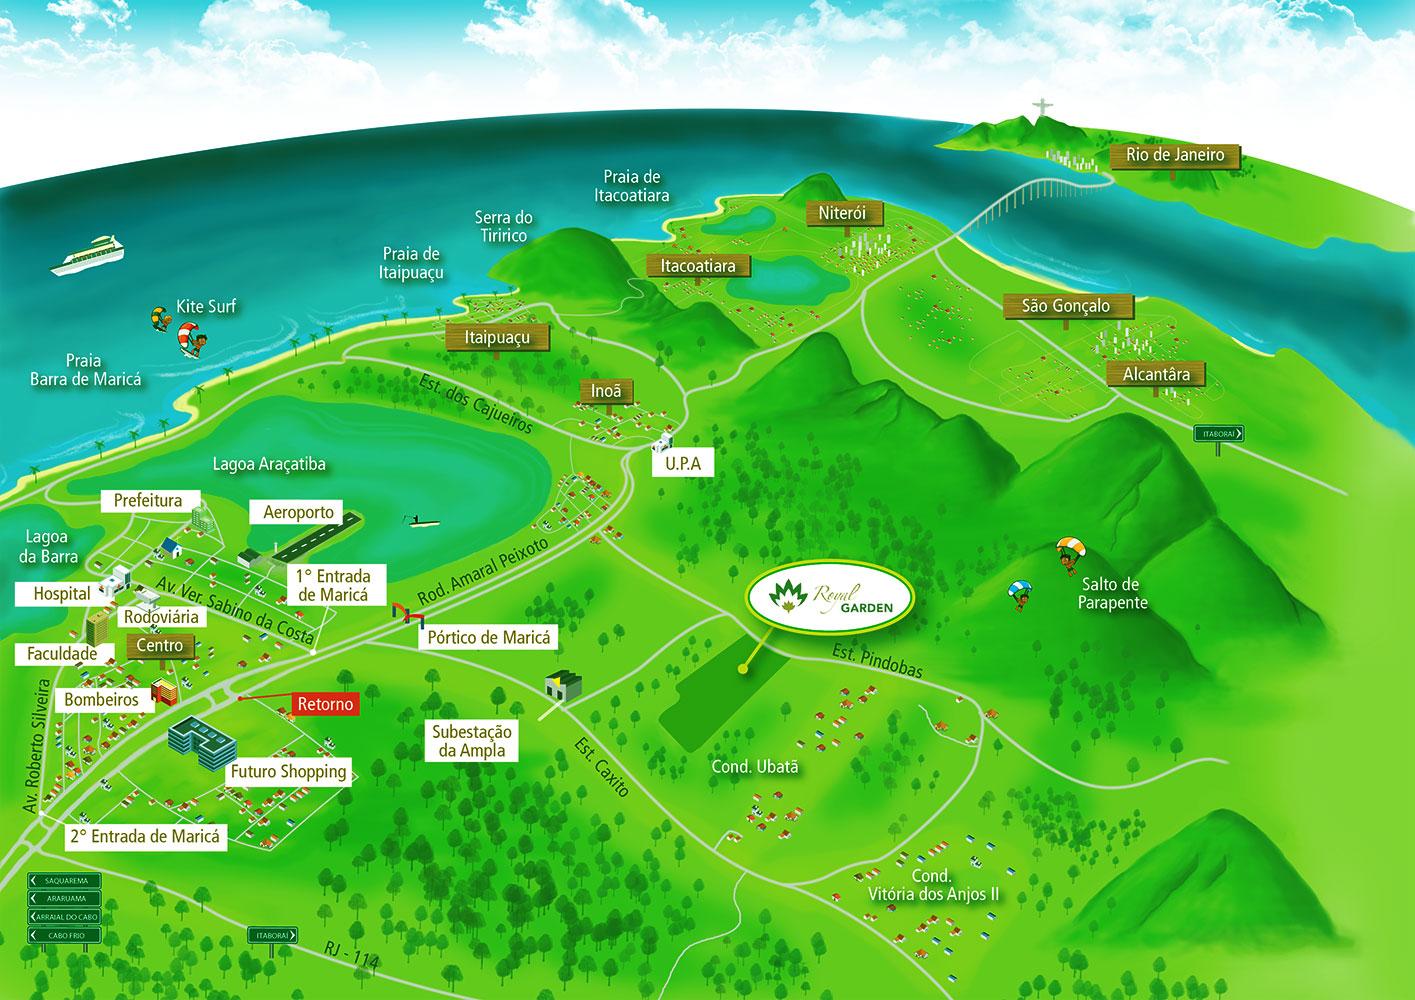 Arte-Gráfica-Mapa-Localização-Royal-Garden-Marica-RJ